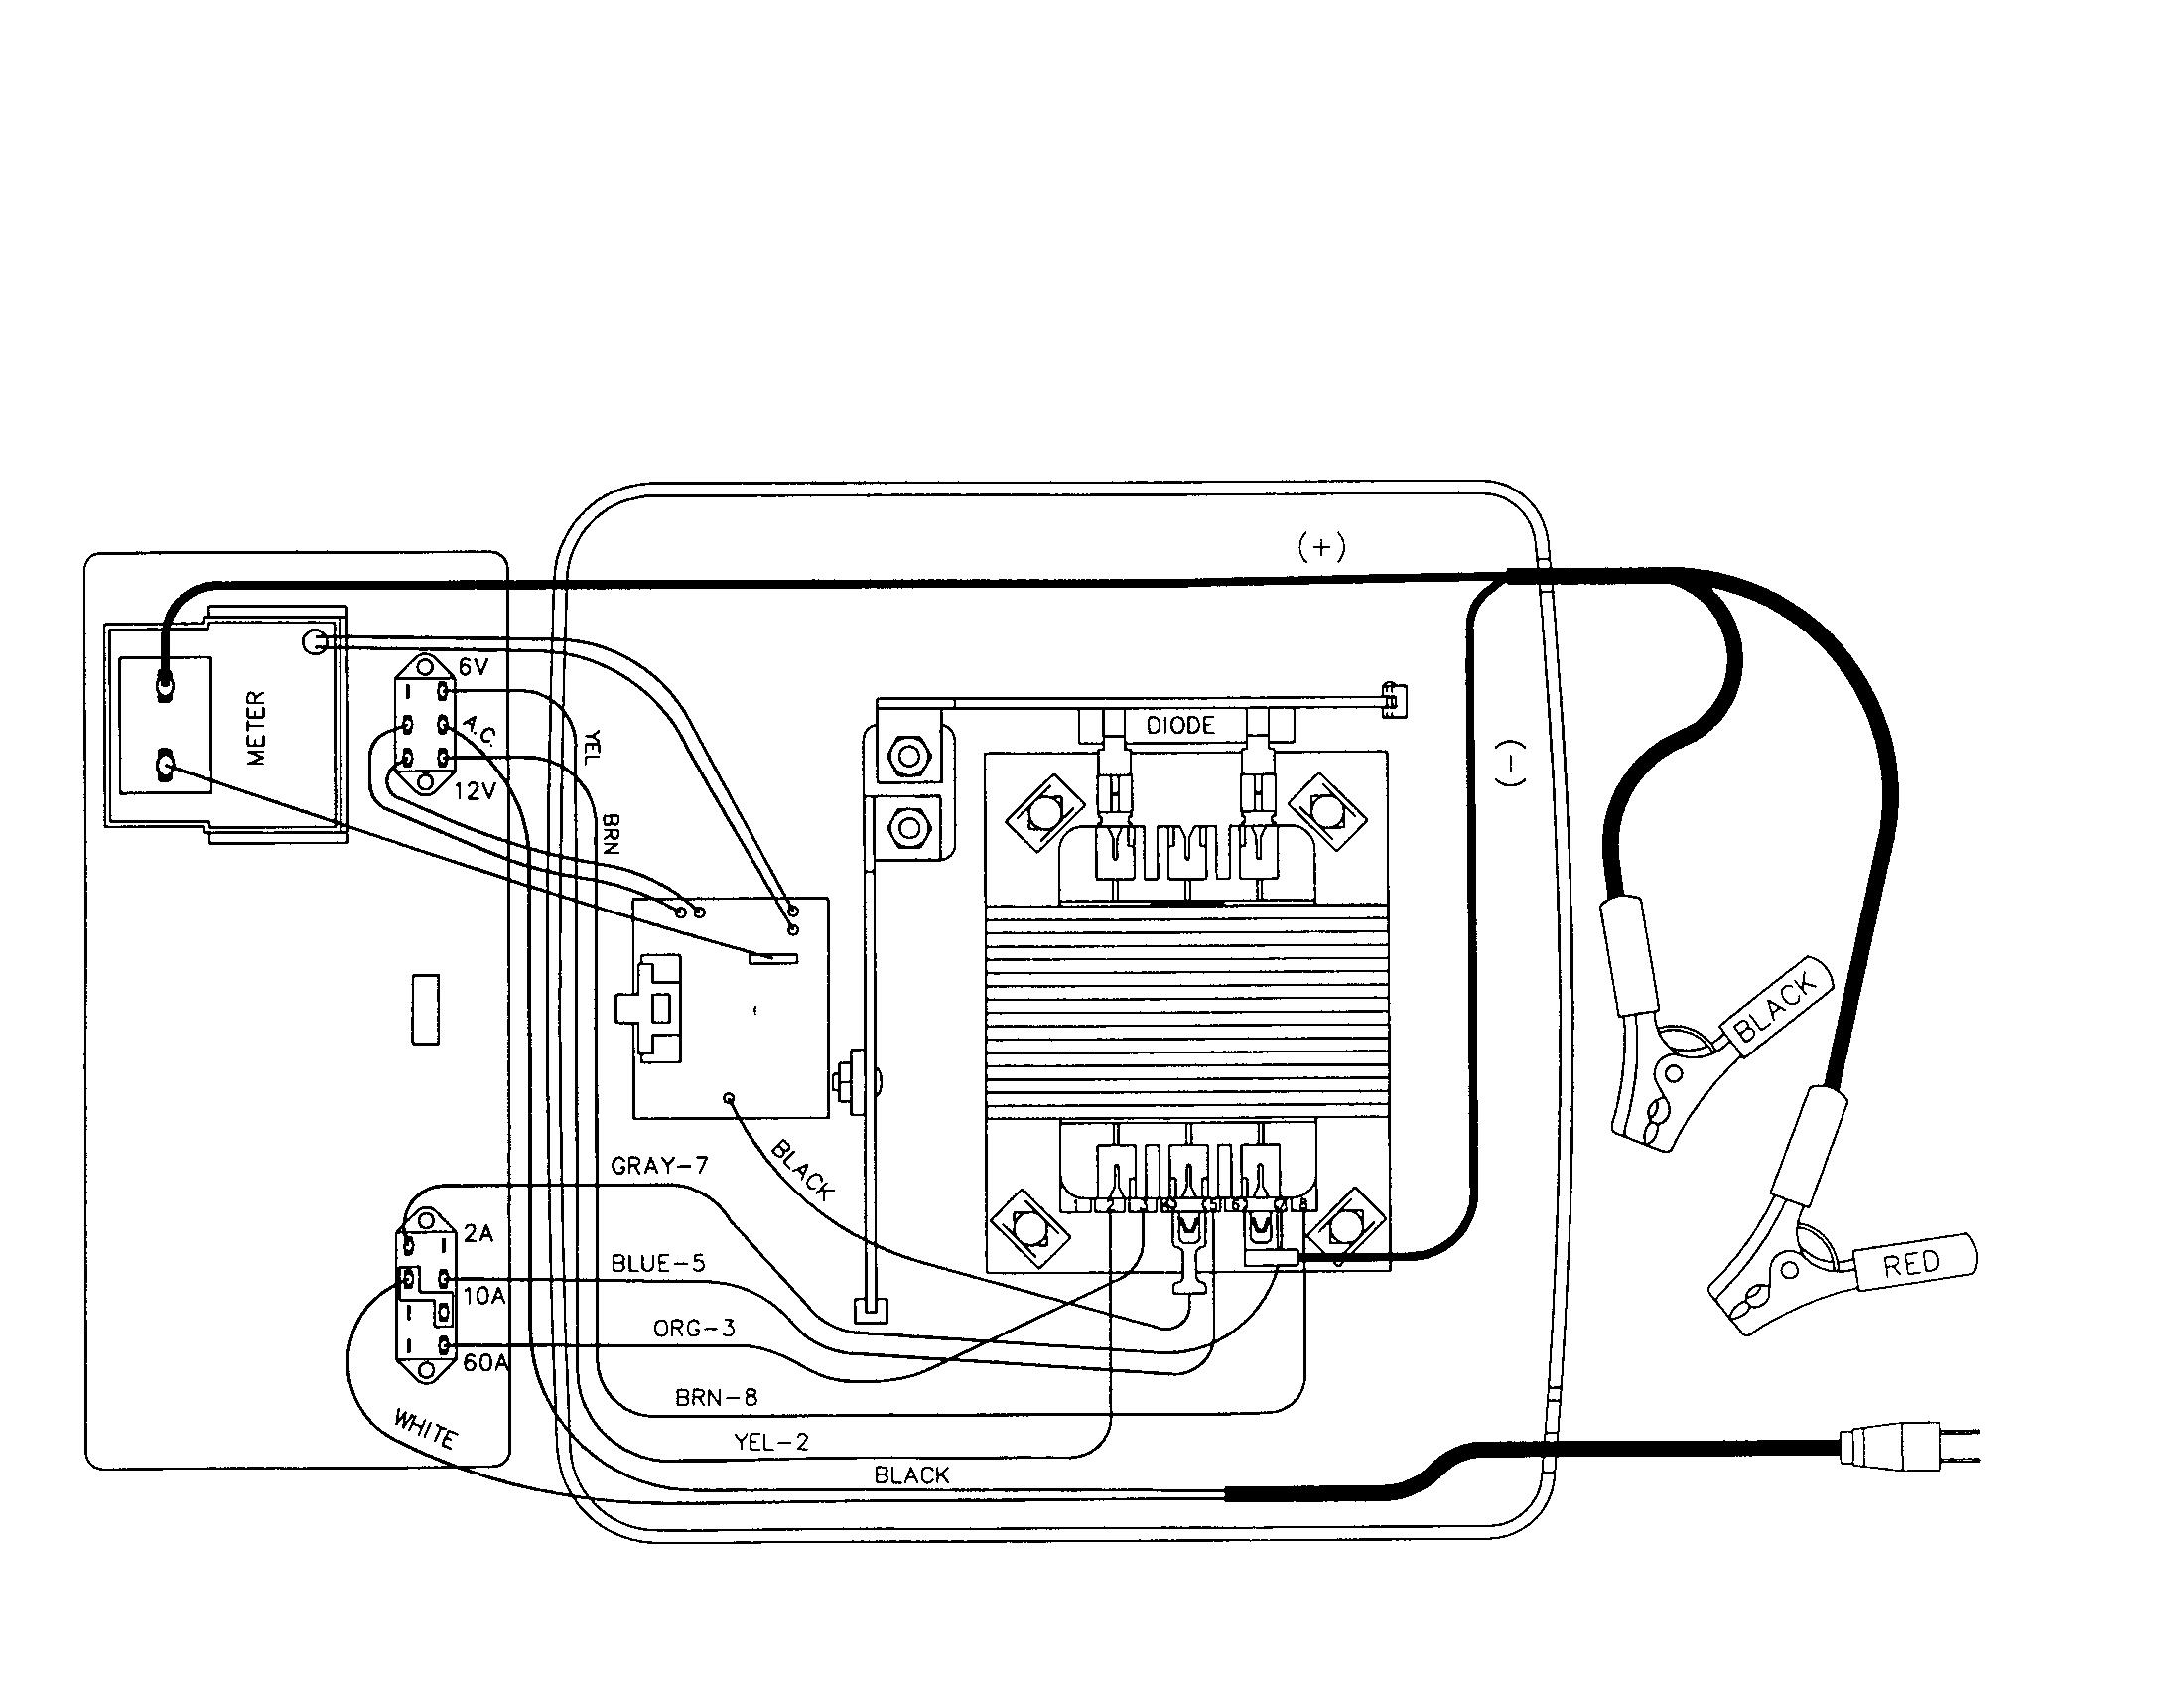 Schumacher Battery Charger Wiring Schematic 1 | Battery charger, Charger,  BatteryPinterest